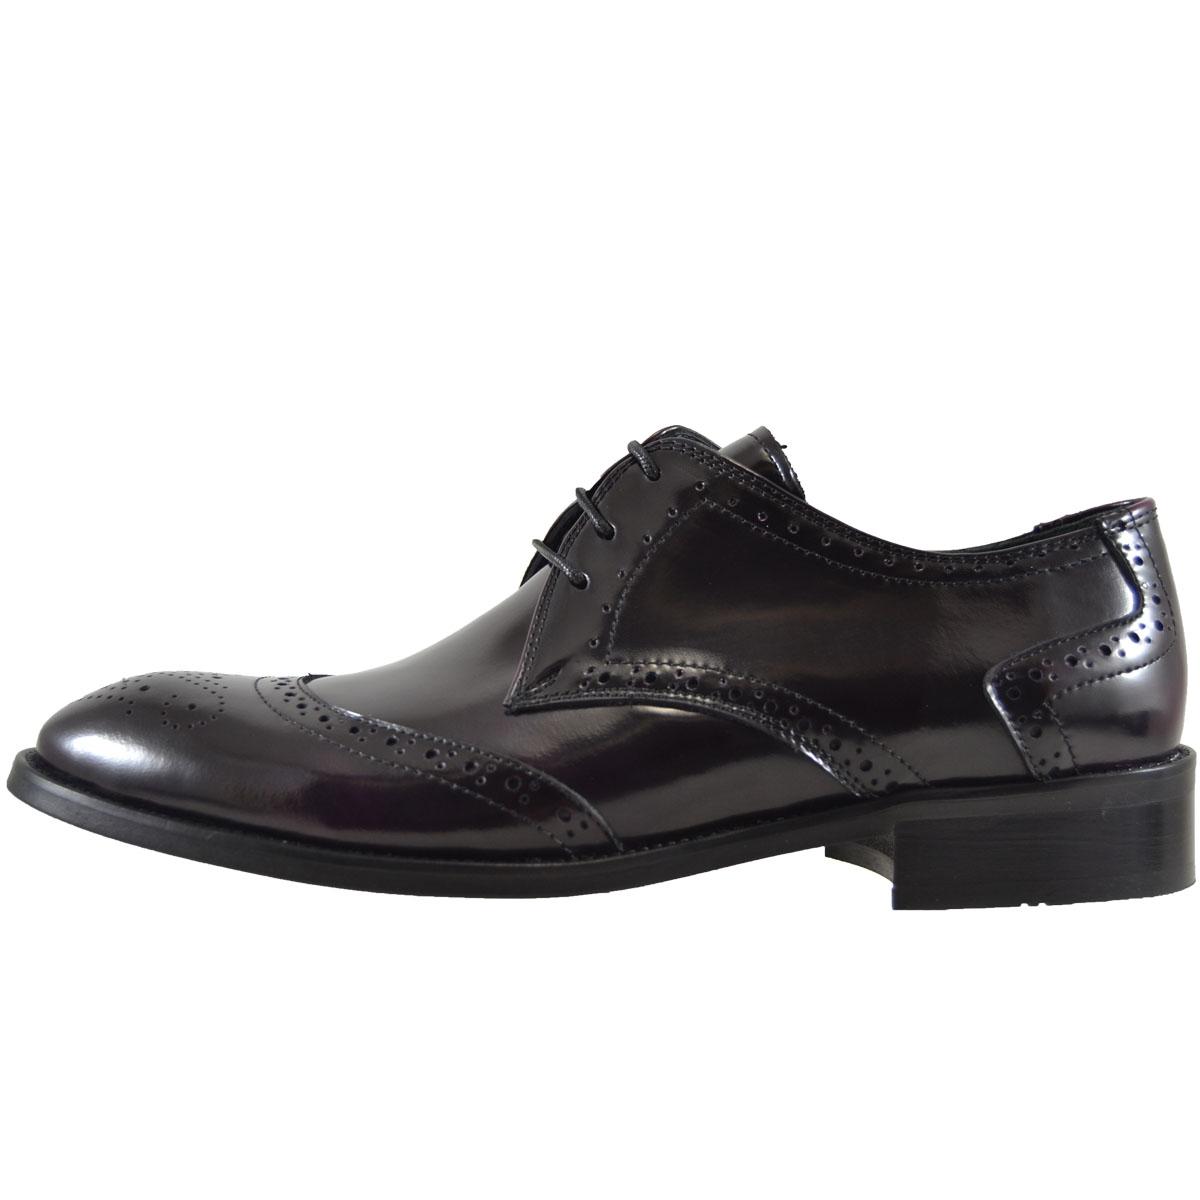 کفش مردانه کد 241             , خرید اینترنتی